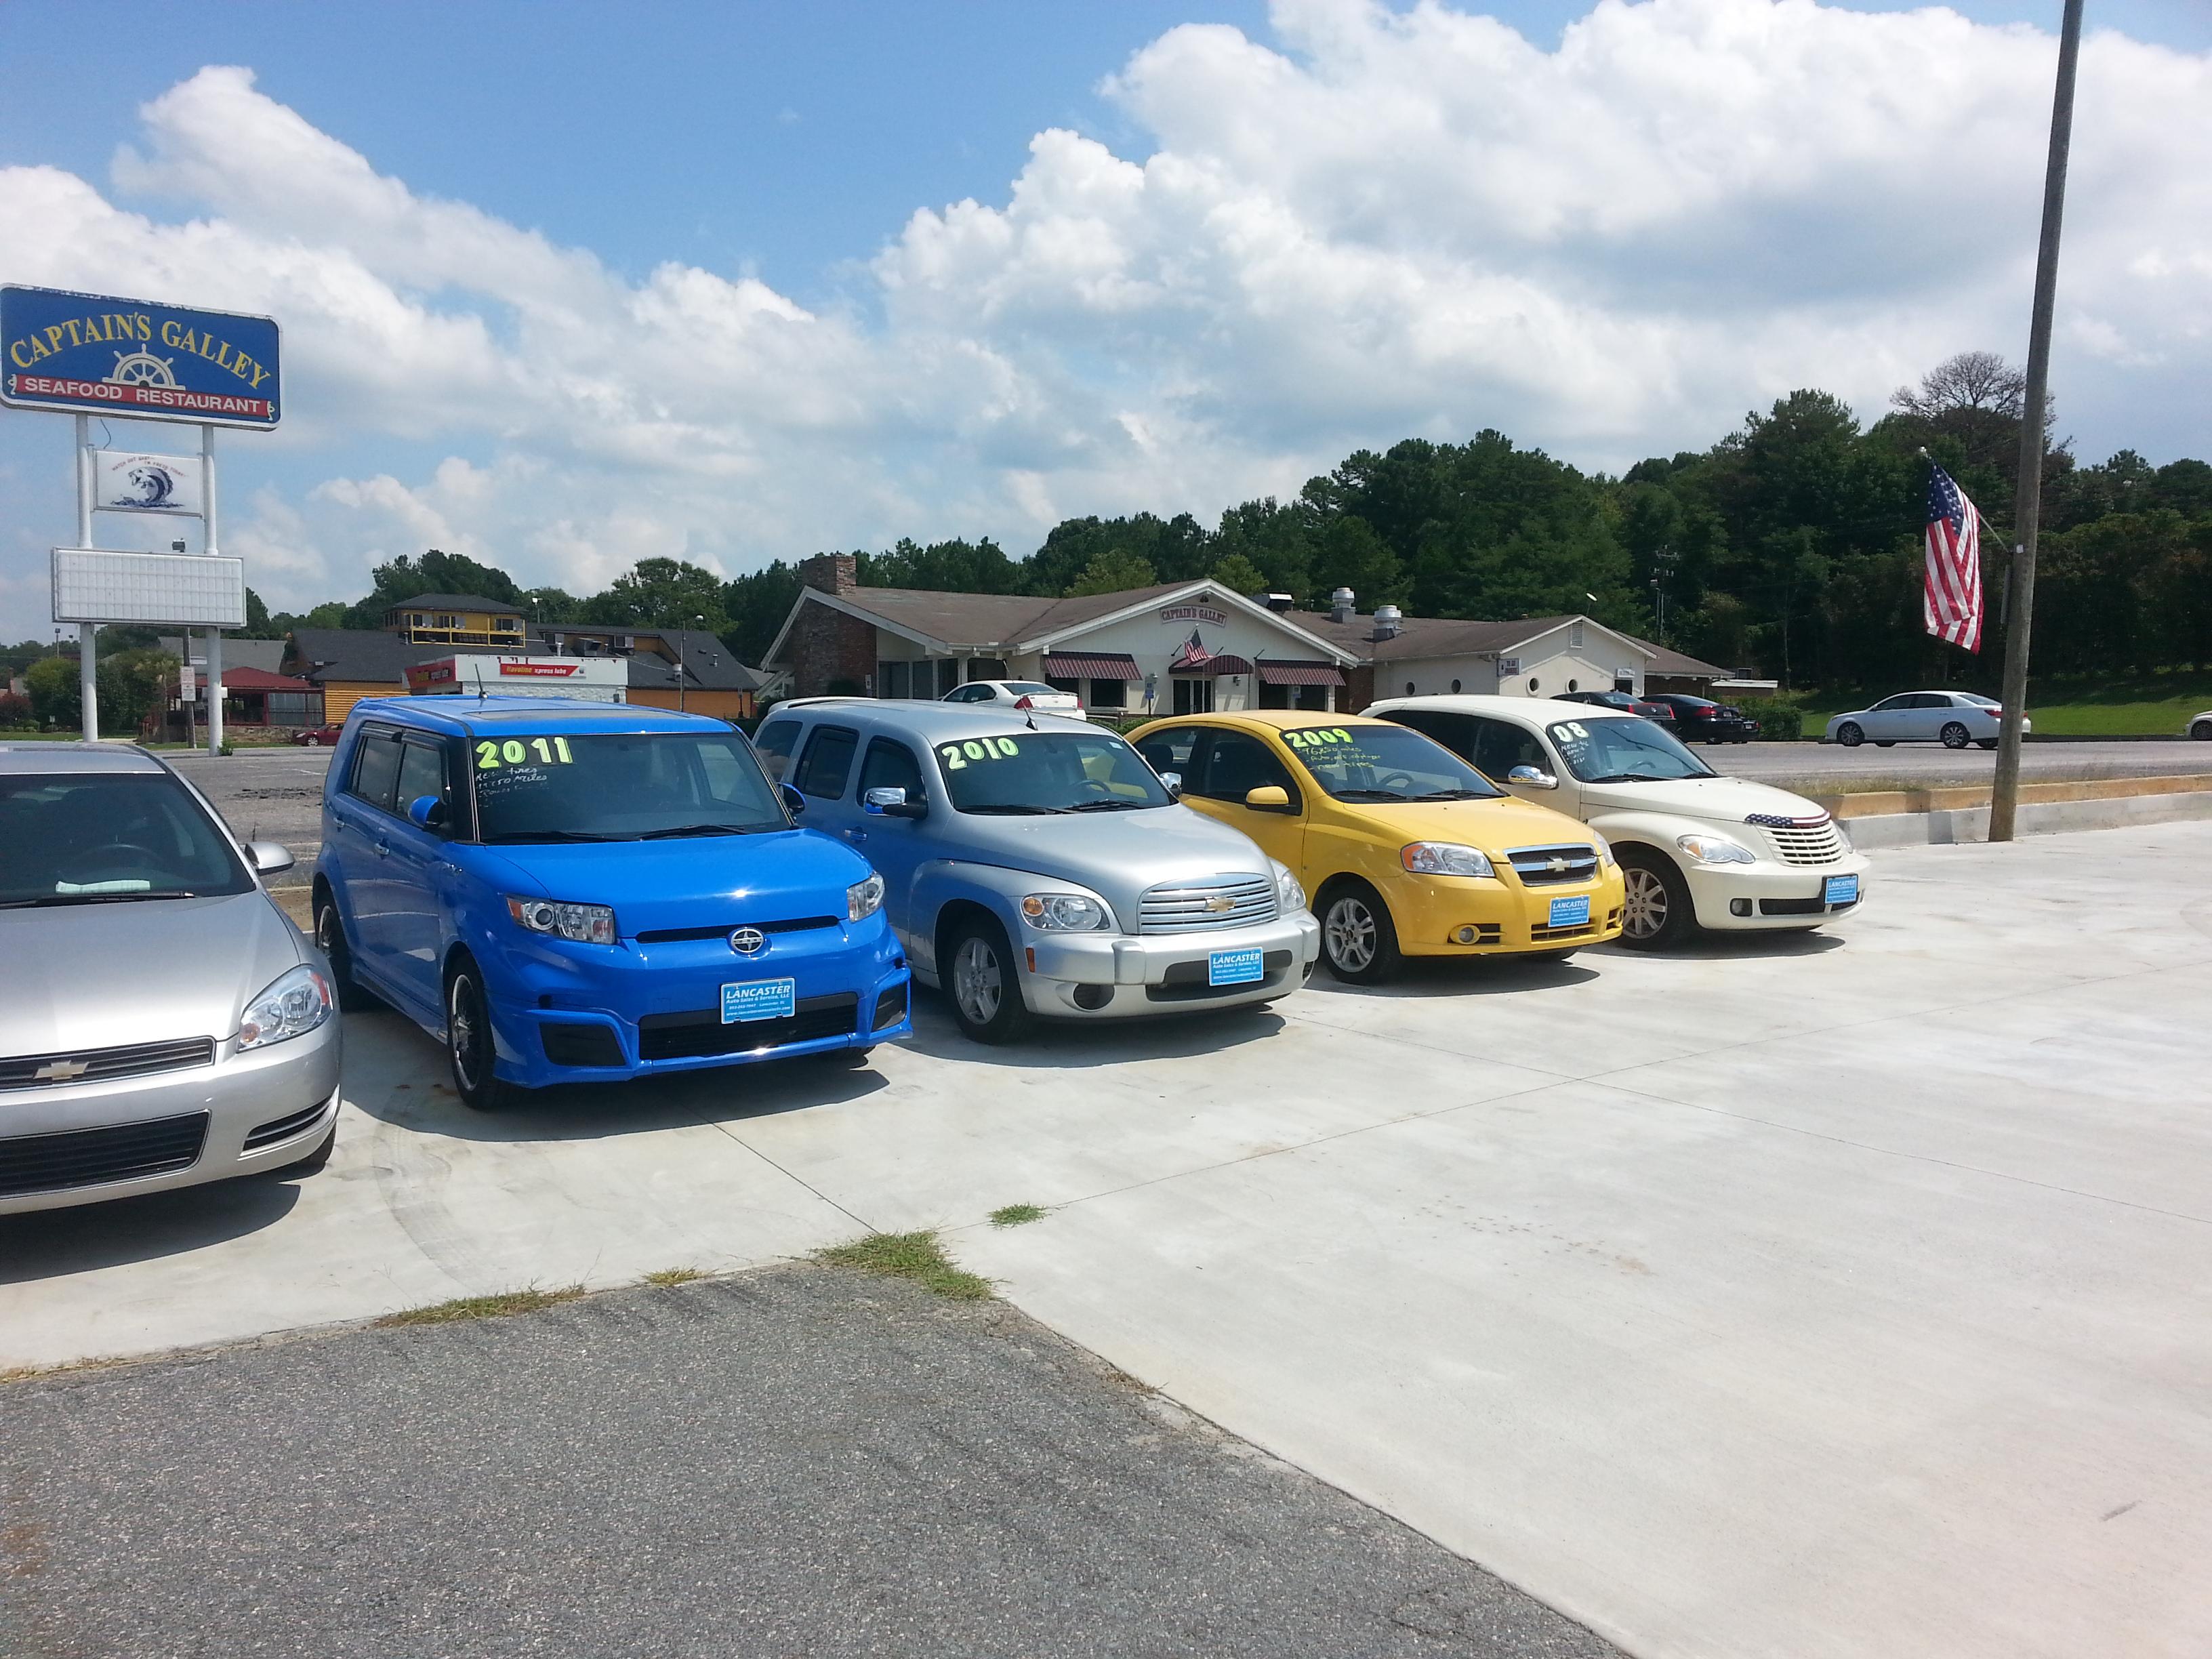 Lancaster Auto Sales & Service LLC image 8